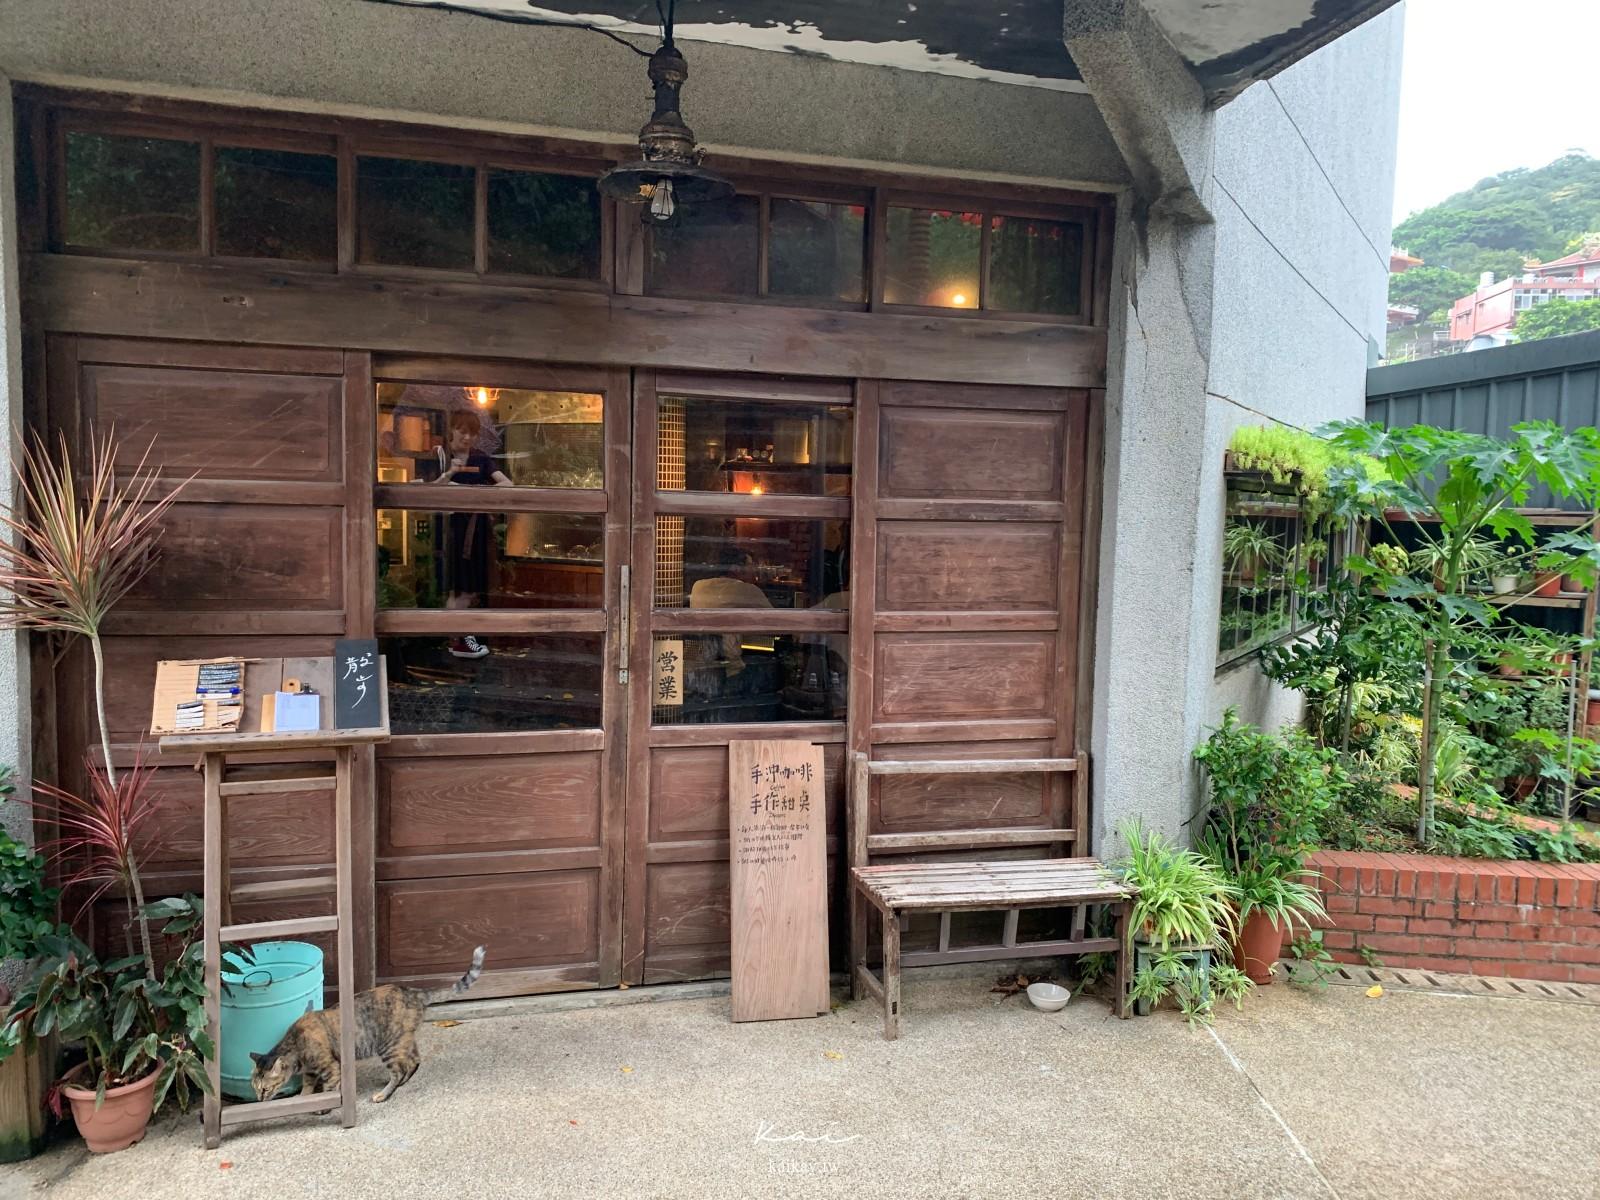 ☆【新北美食】金瓜石山城慢活定食:迷迷路食堂